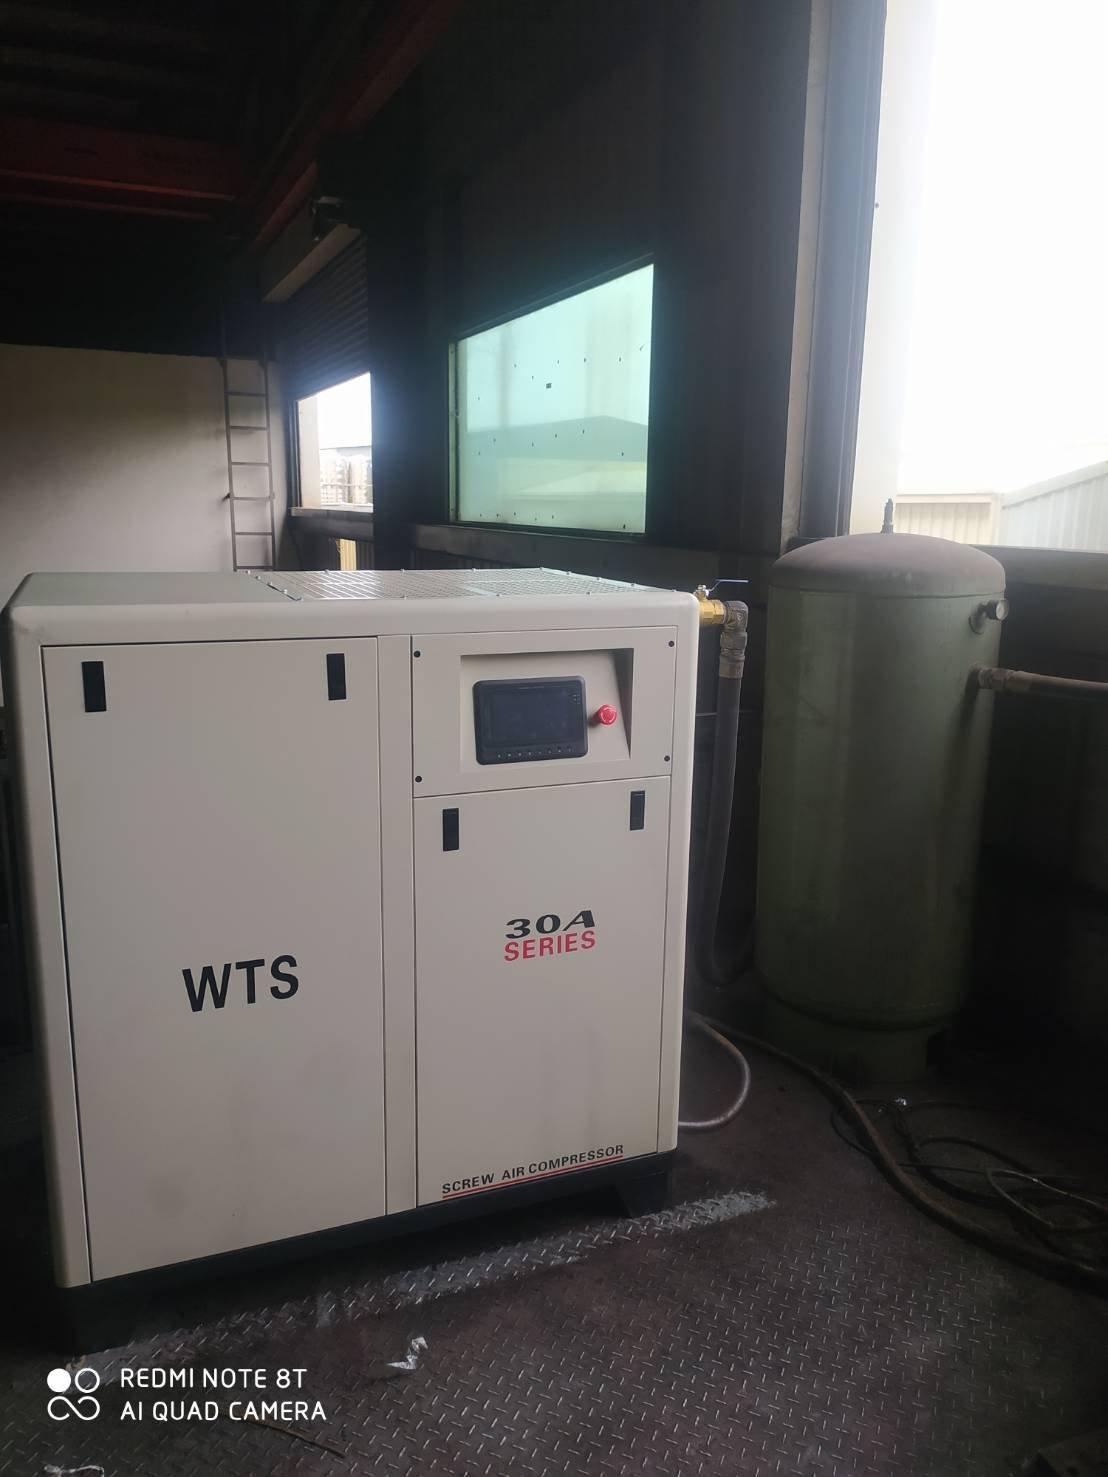 威特斯 30HP永磁變頻螺旋式空壓機(通過國家工研院節能檢驗認證機種,另有10HP 20HP 各種馬力現貨供應)